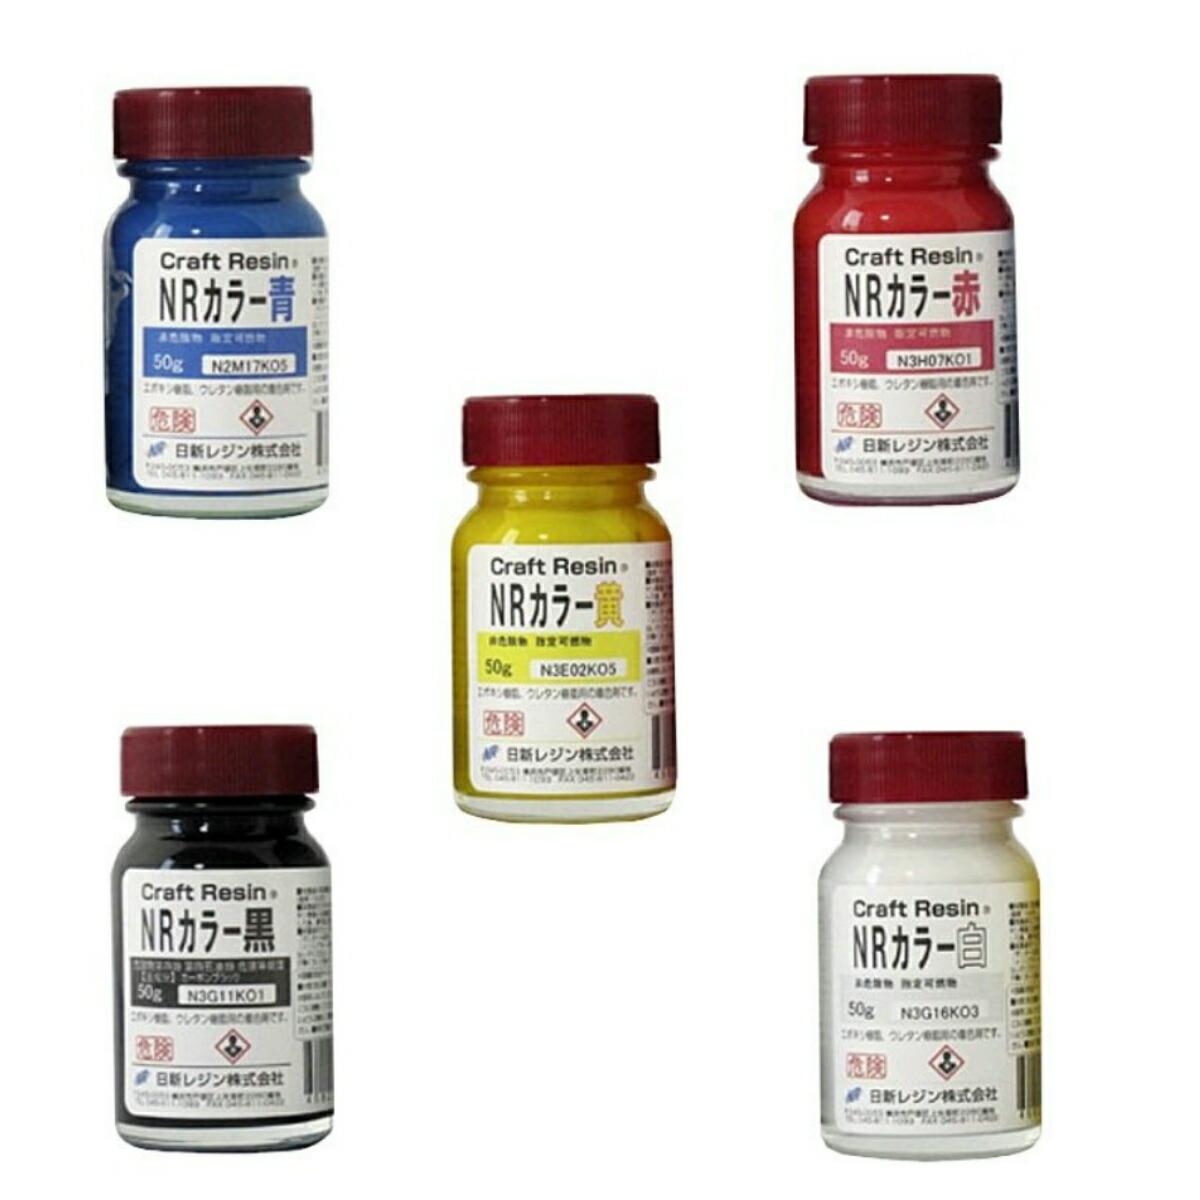 エポキシ樹脂 ポリウレタン樹脂を着色するときに使います 卸売り NRカラー50g 新品 送料無料